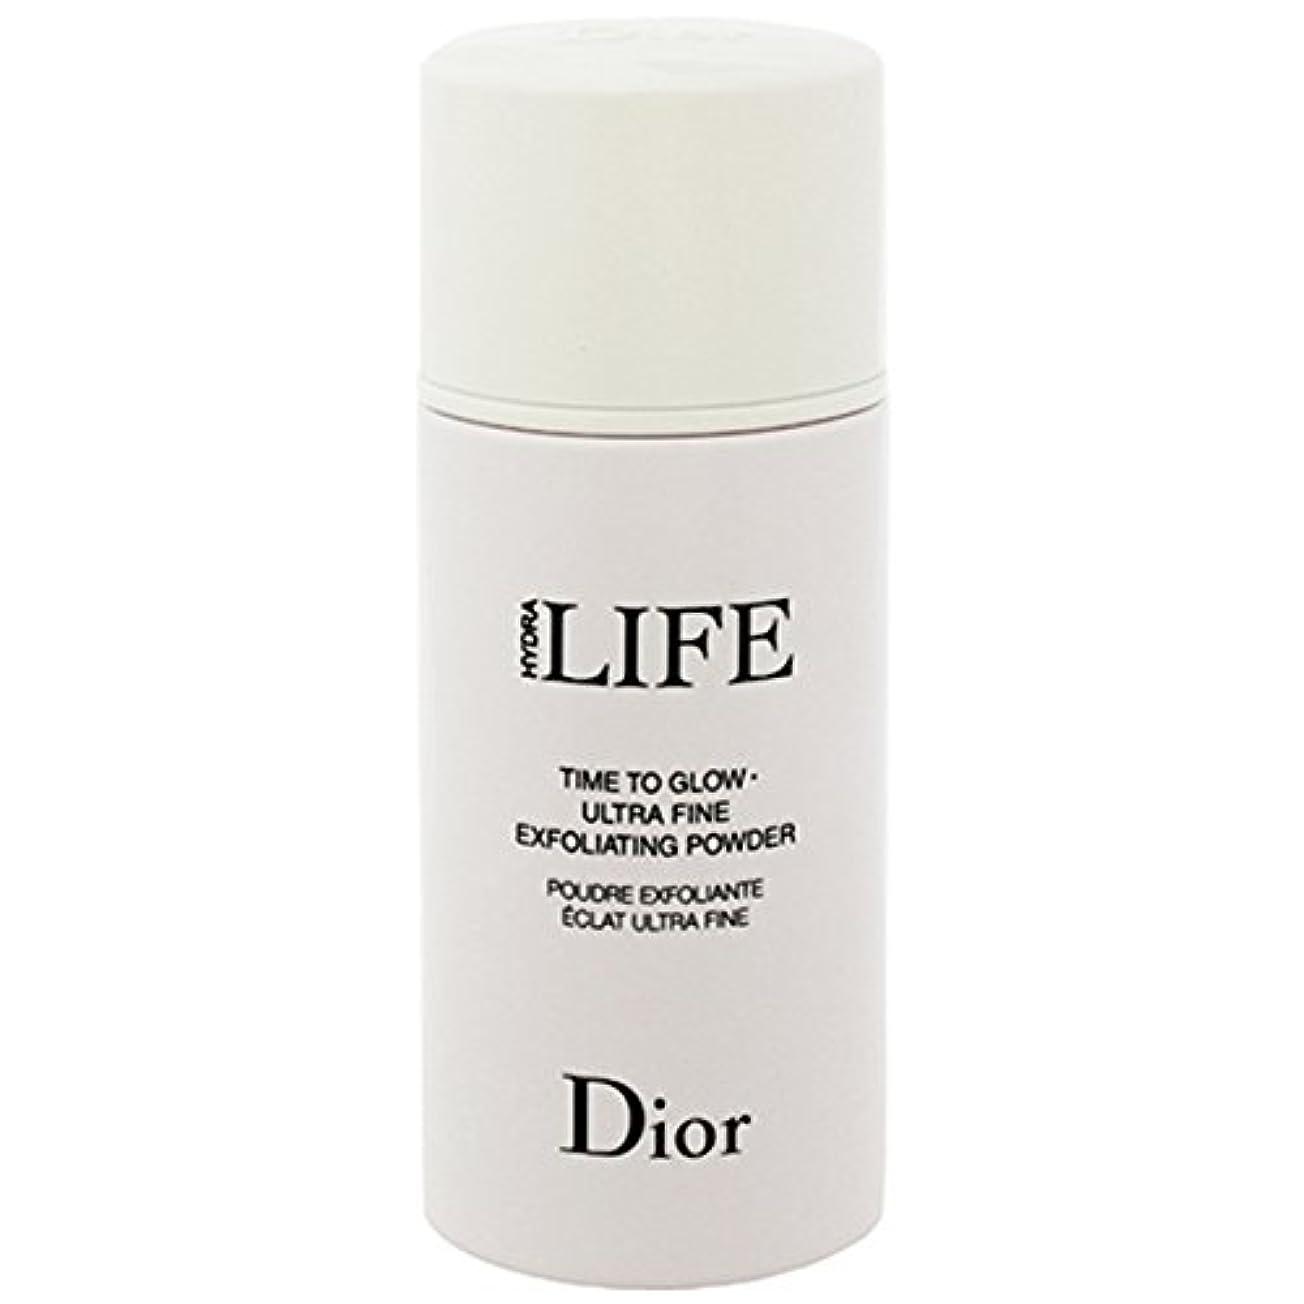 広がりつらい施設クリスチャンディオール Christian Dior ライフ ポリッシュ パウダー 40g 【並行輸入品】